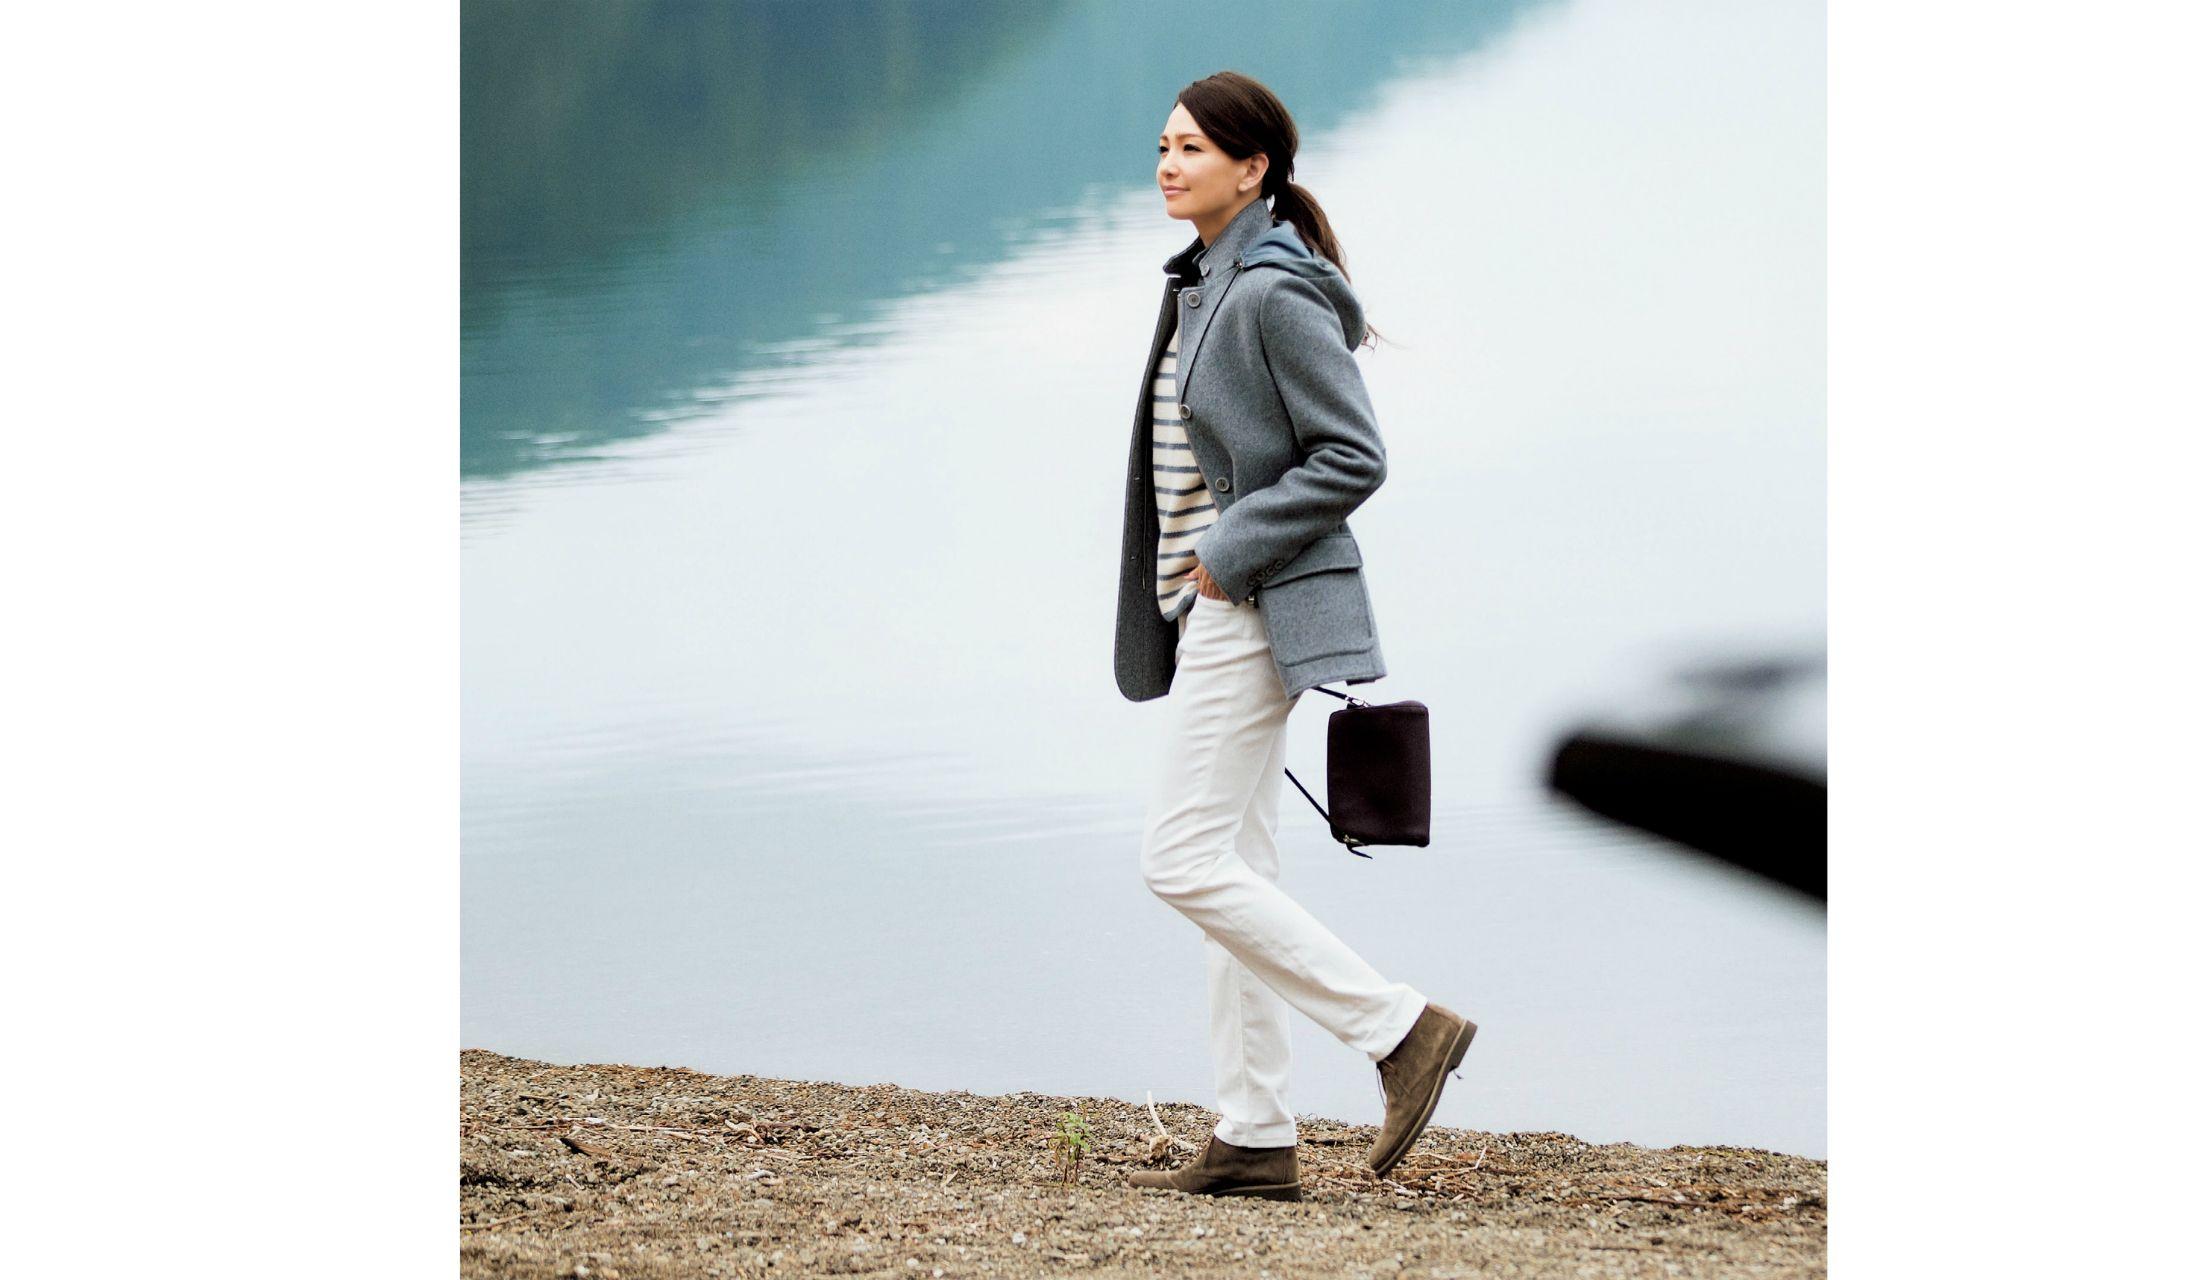 カシミアのドライビングジャケットを主役に湖畔を歩くモデルRINA